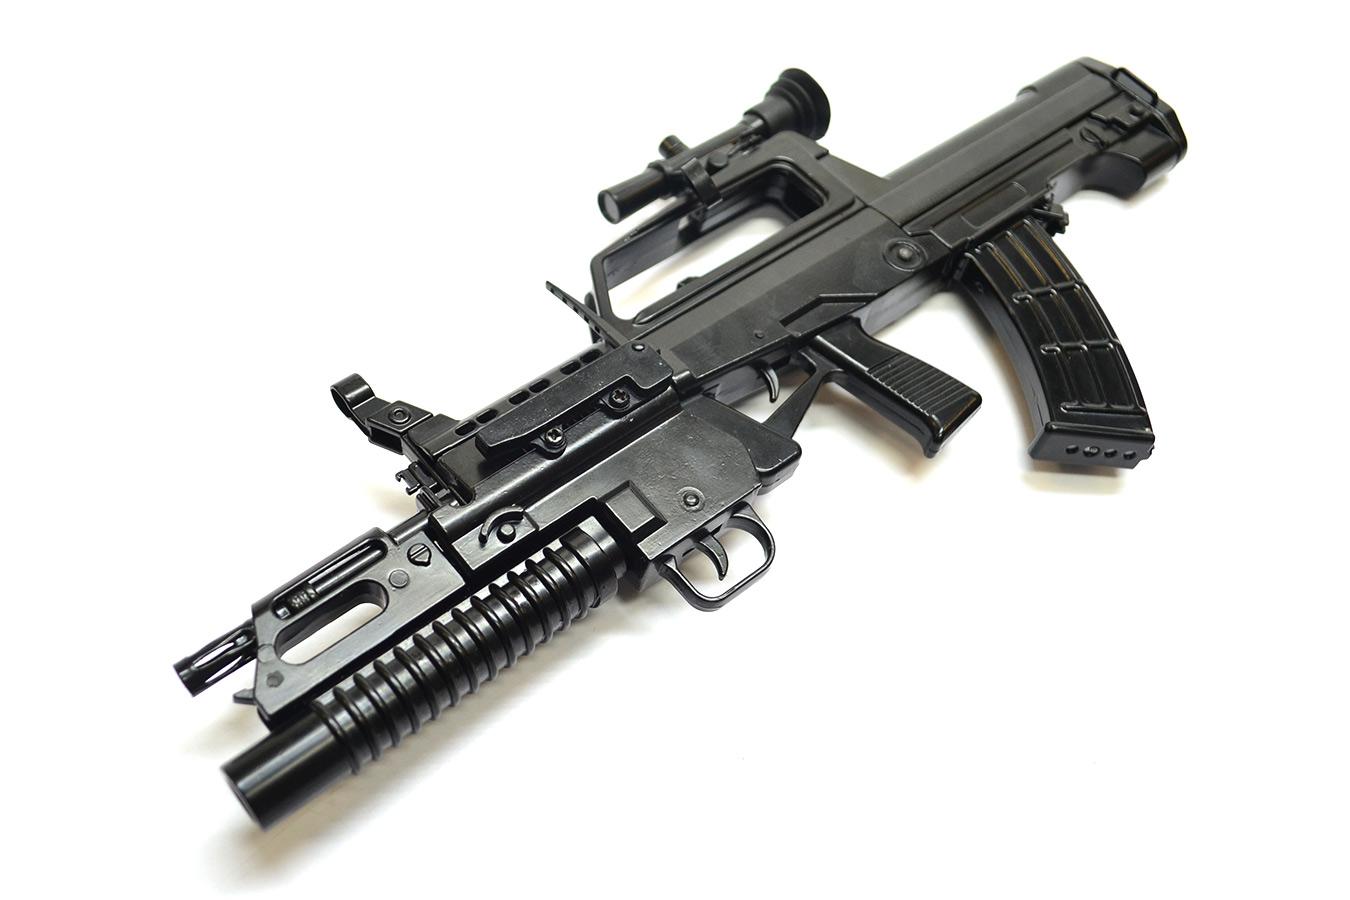 QBZ-95 / Type 95 изображение 0